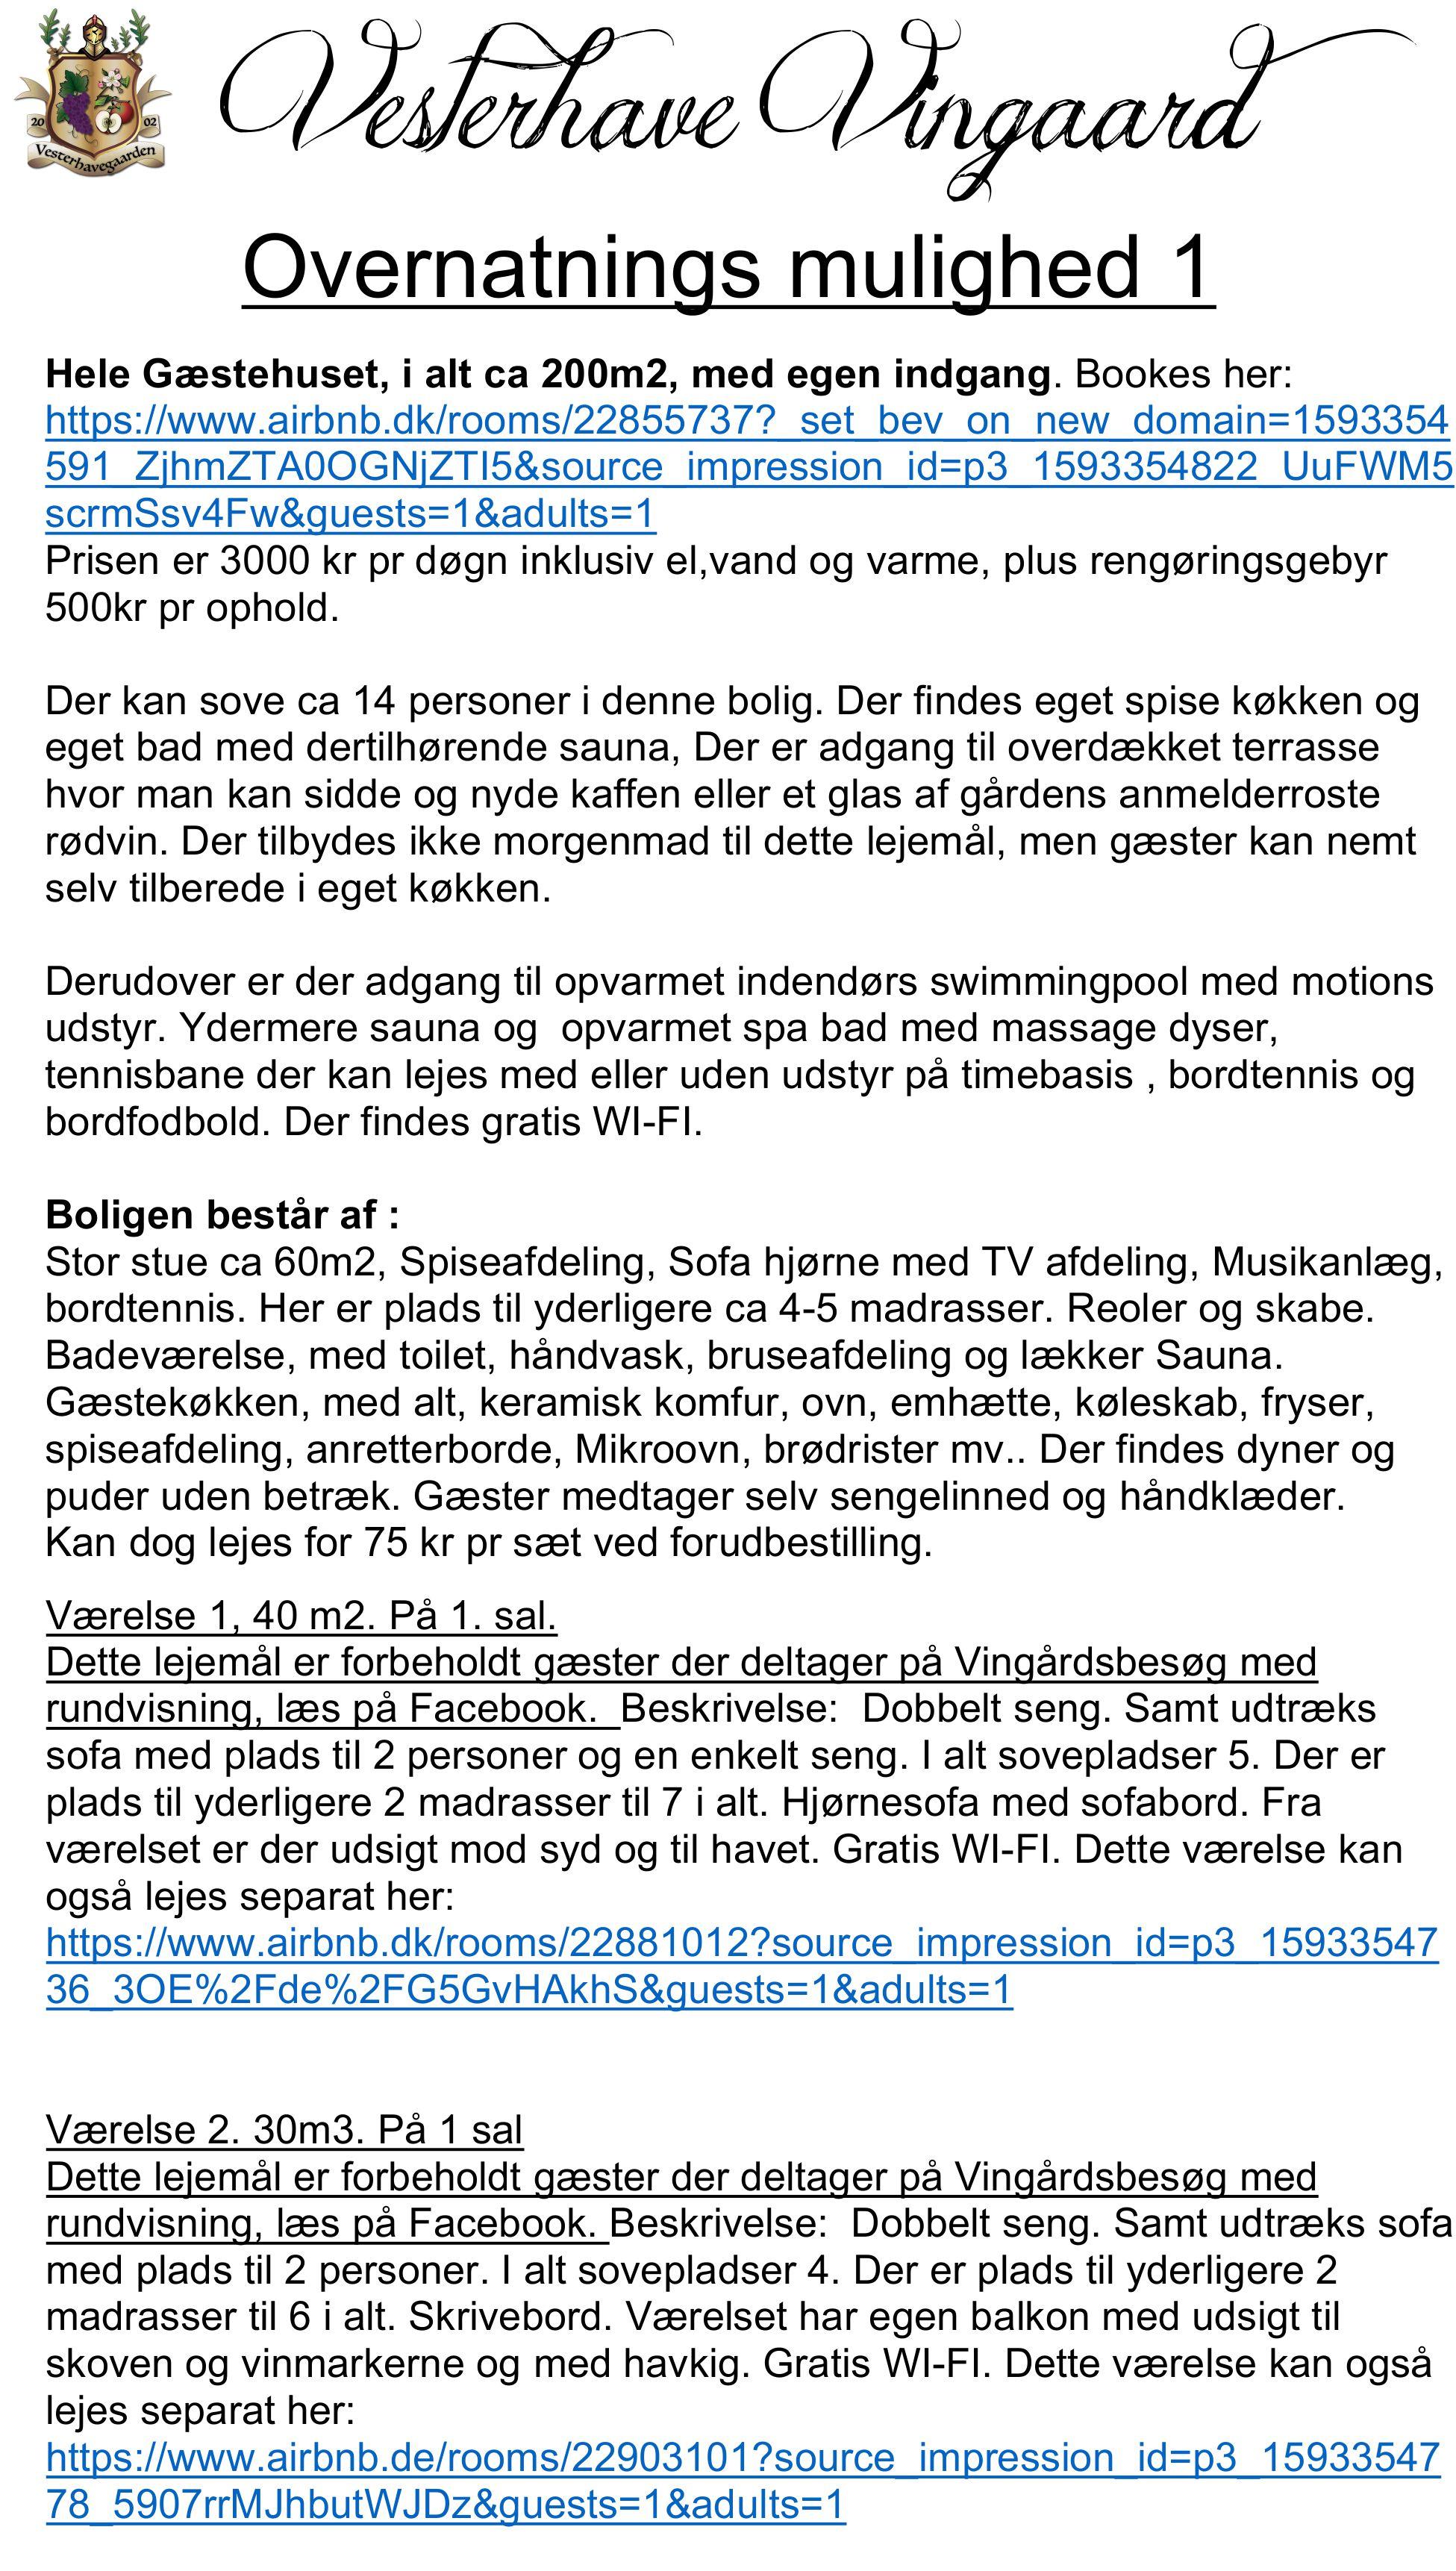 VINGÅRDSBESØG 5-29, MED RUNDVISNING 29.5.21 kl 15